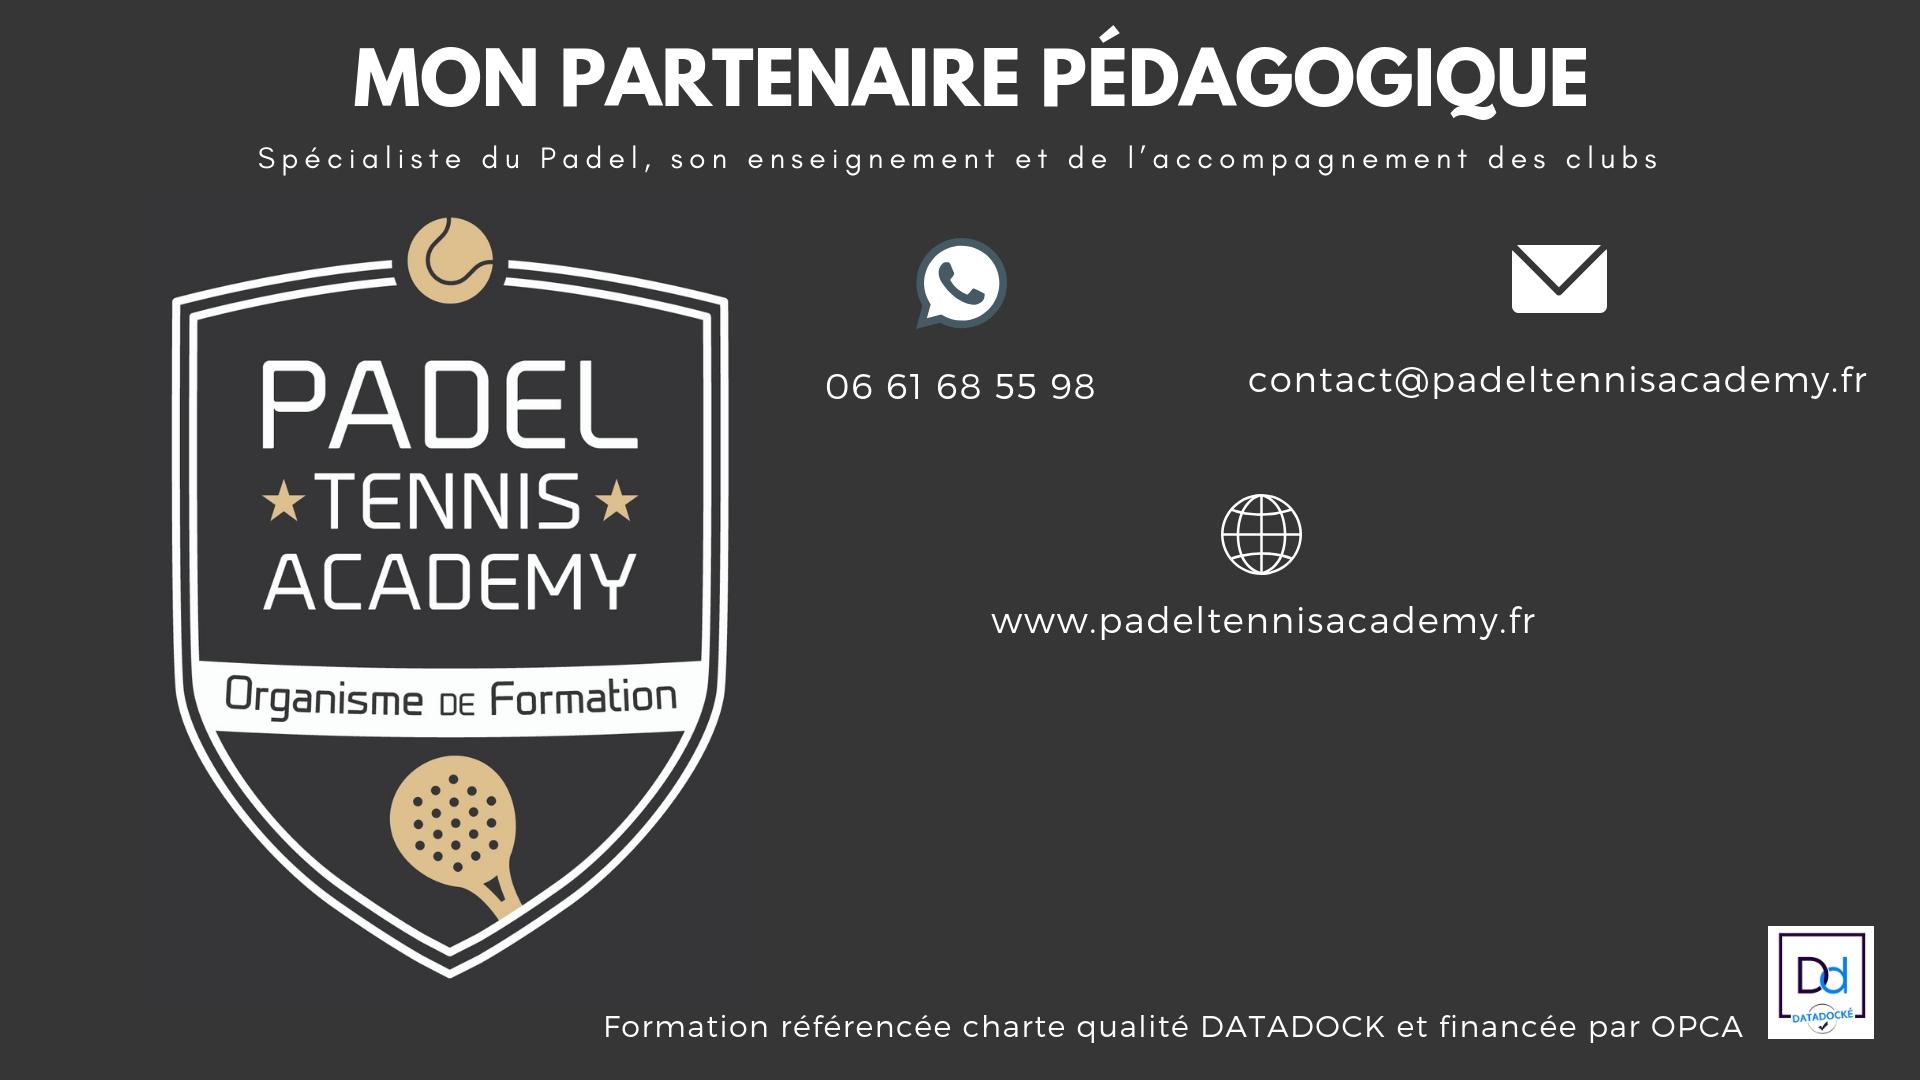 Padel Tennis Academy sur Facebook